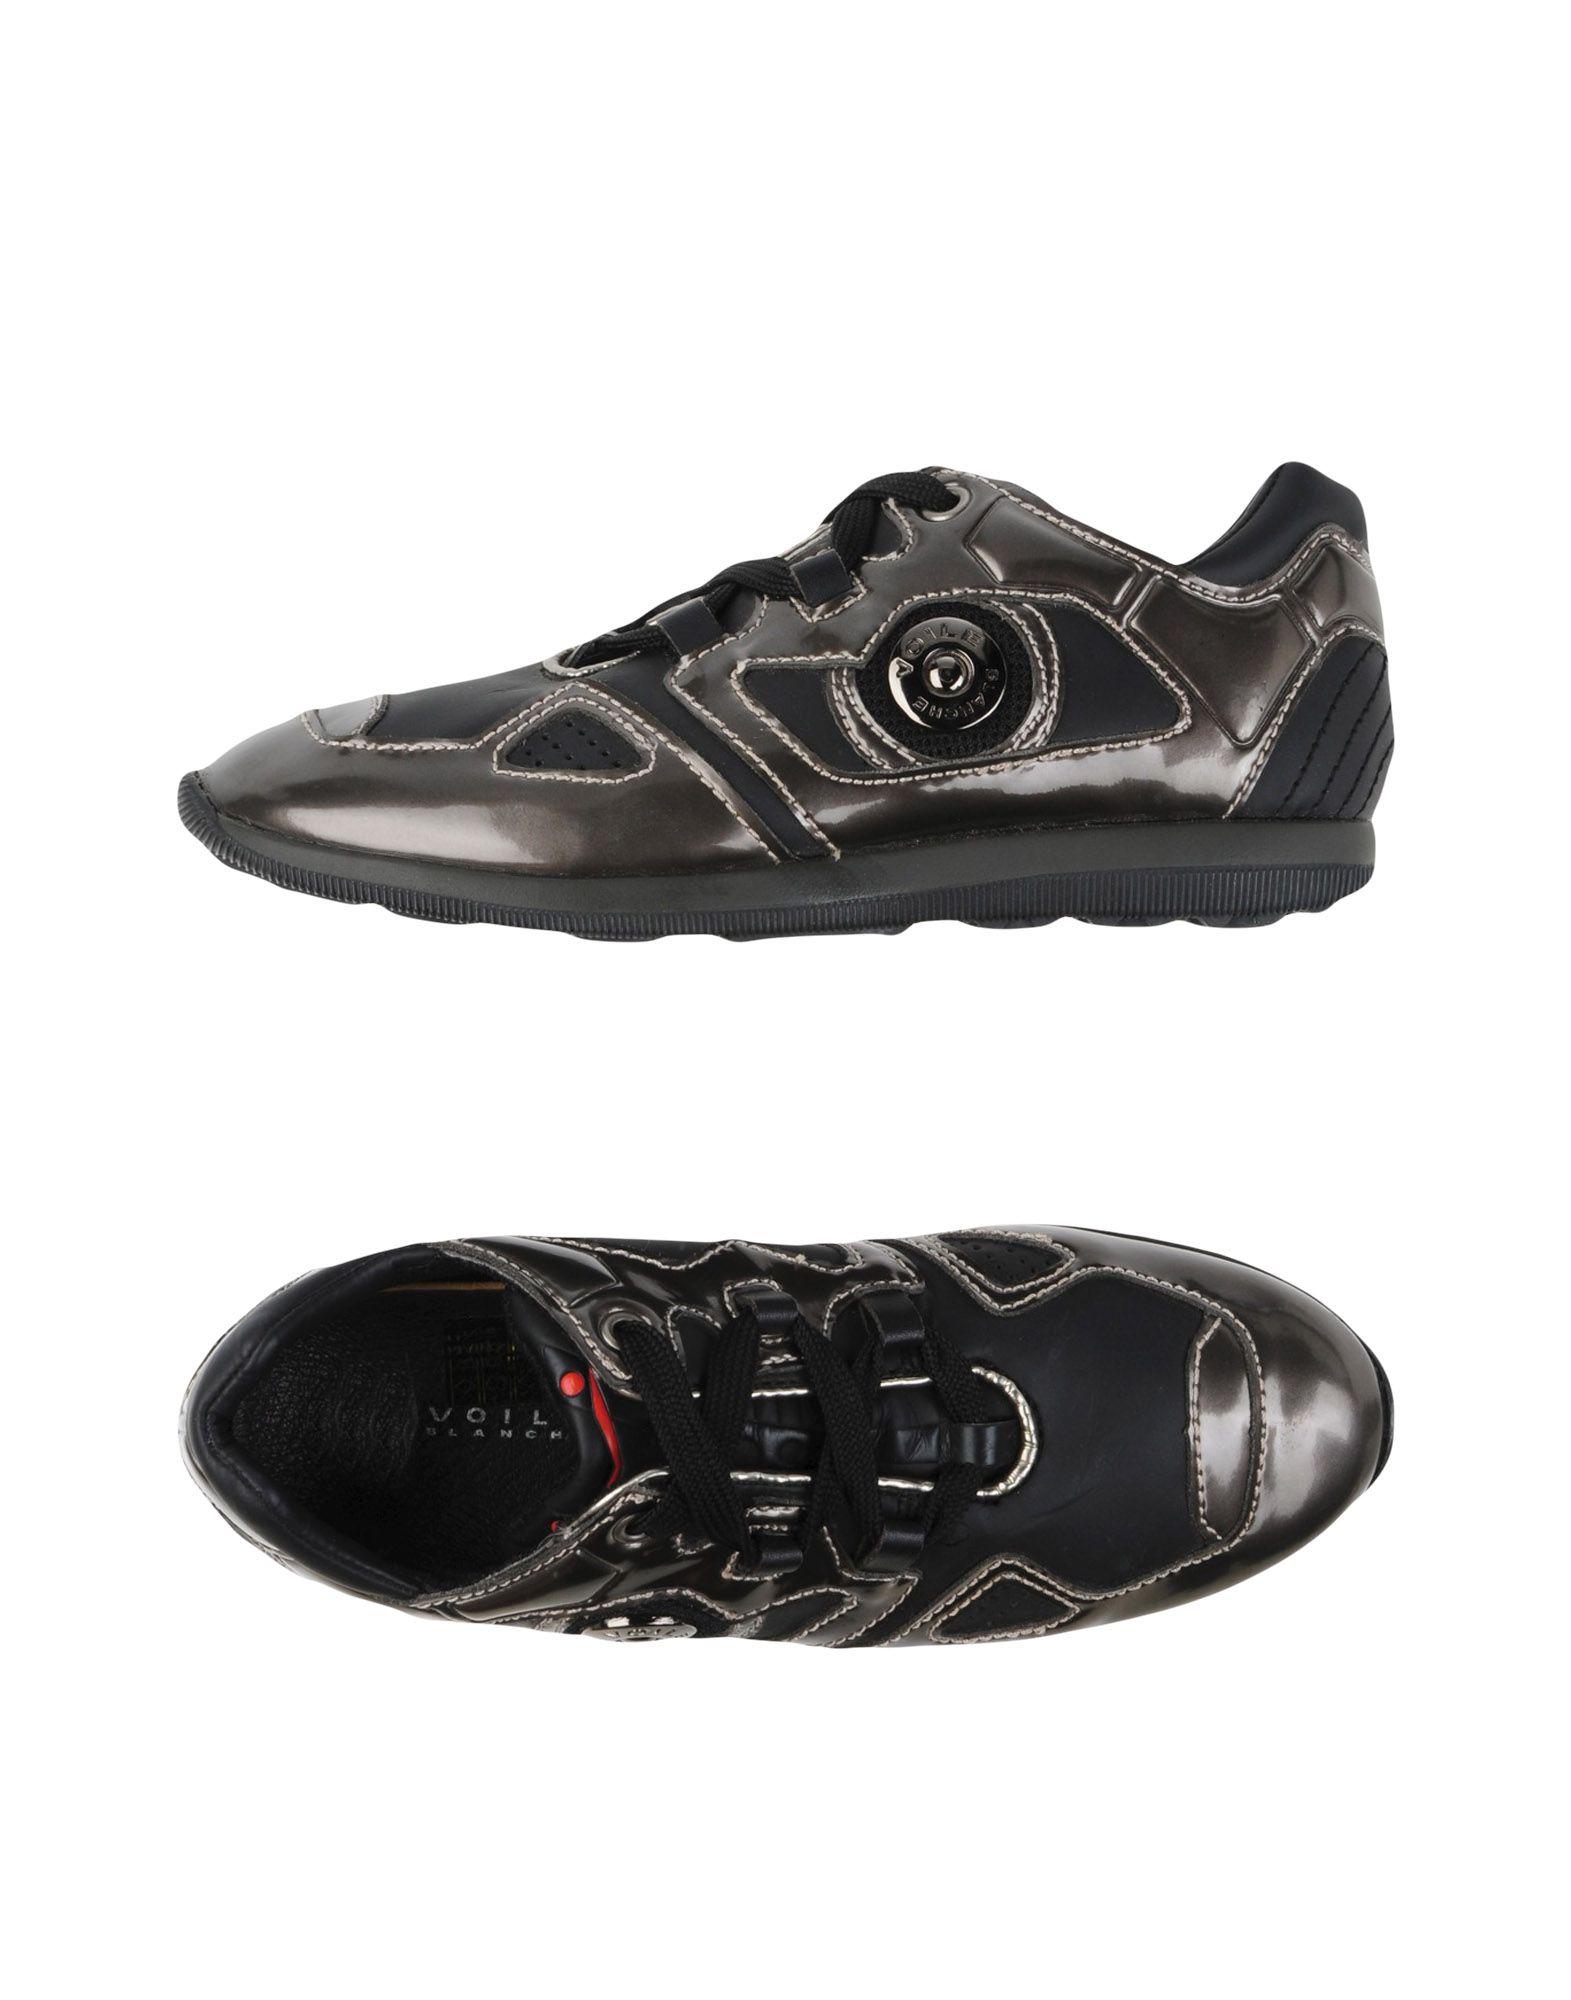 Voile 11305194WN Blanche Sneakers Damen  11305194WN Voile  6c1411